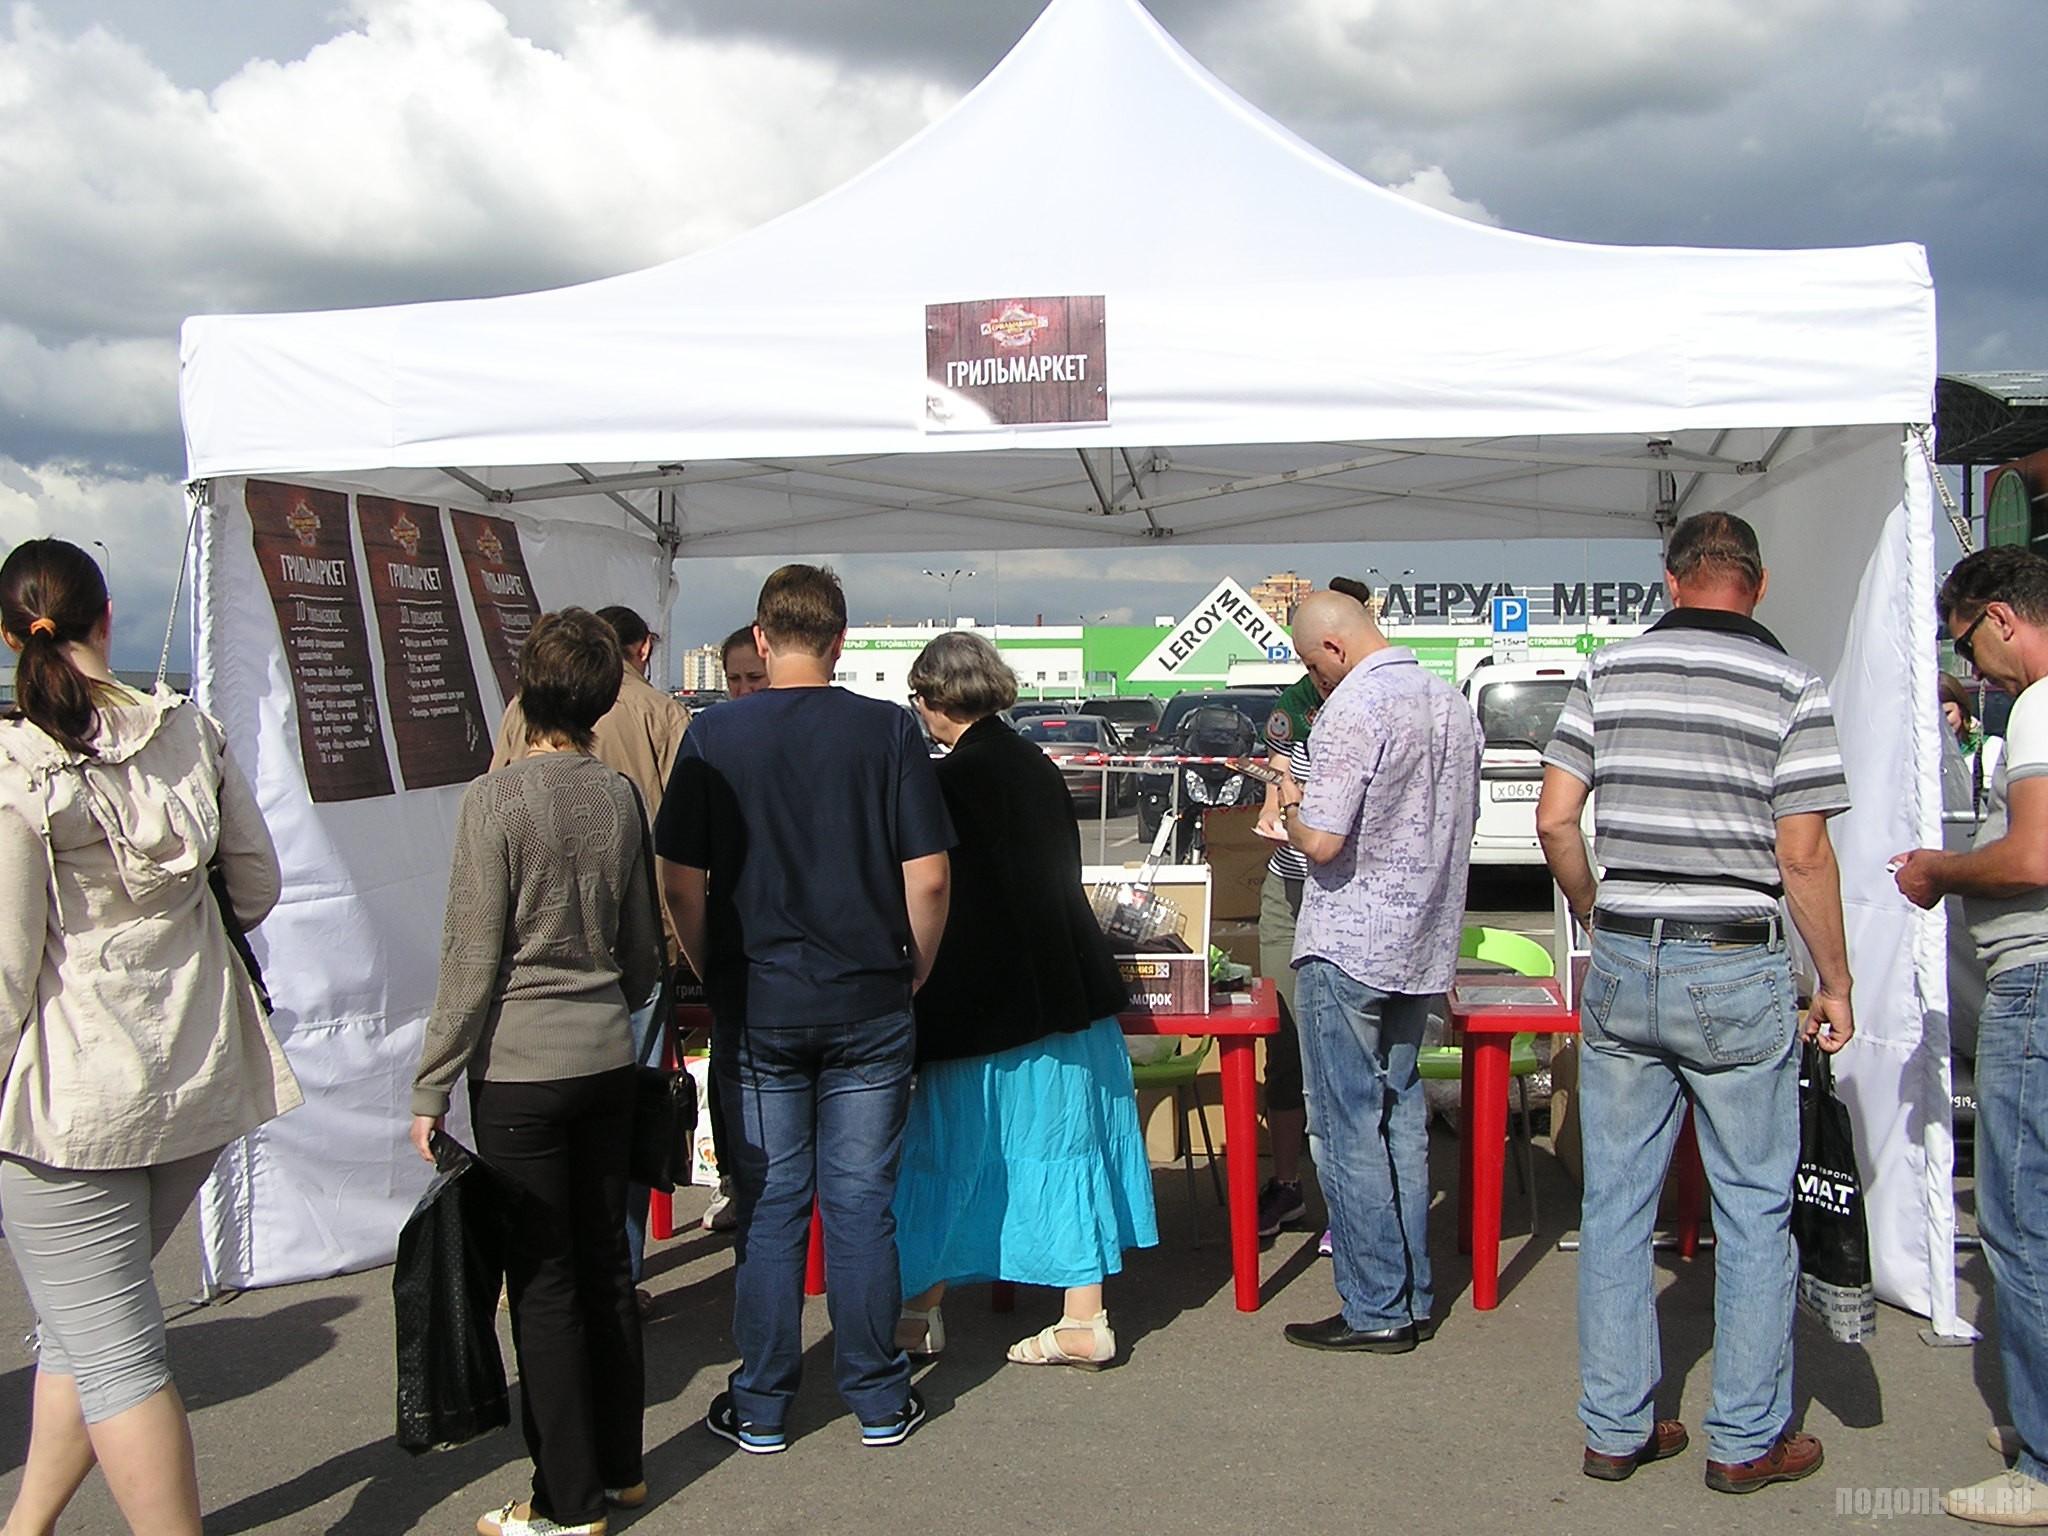 Грильмания в Климовске, 11 июля 2015 г. Грильмаркет.